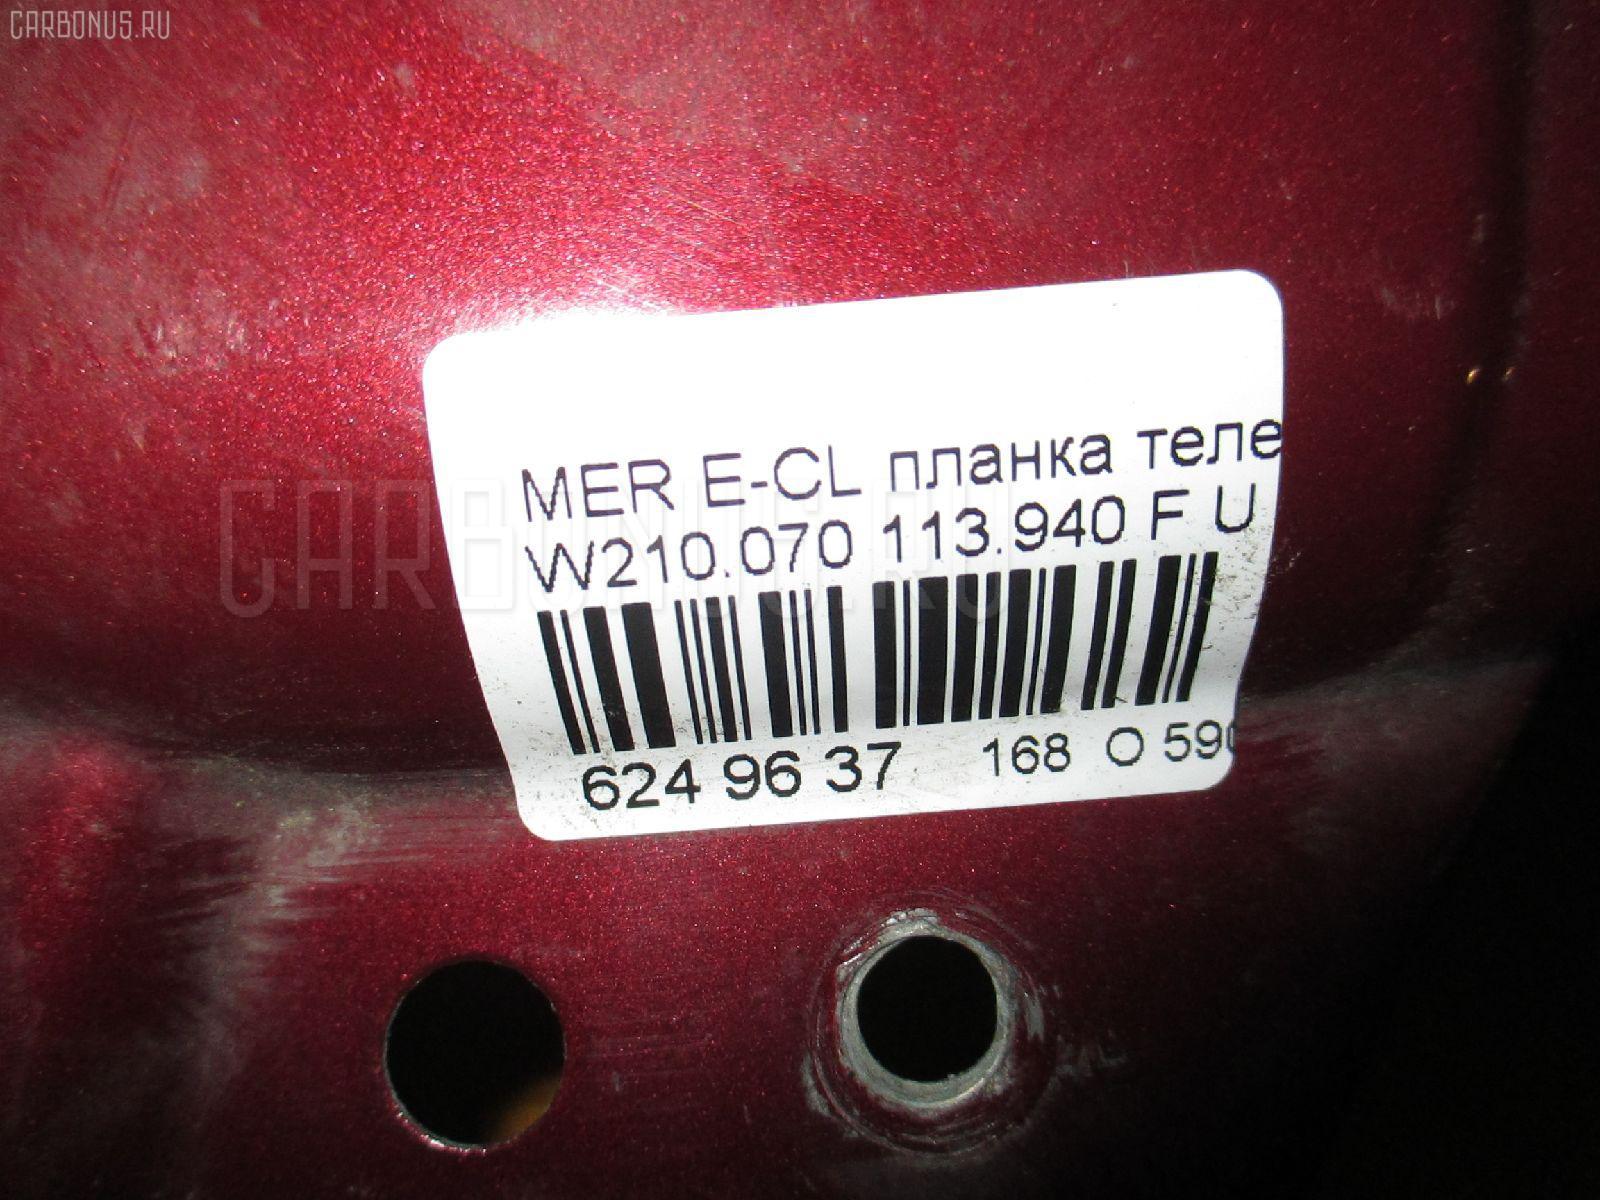 Планка телевизора MERCEDES-BENZ E-CLASS W210.070 113.940 Фото 3